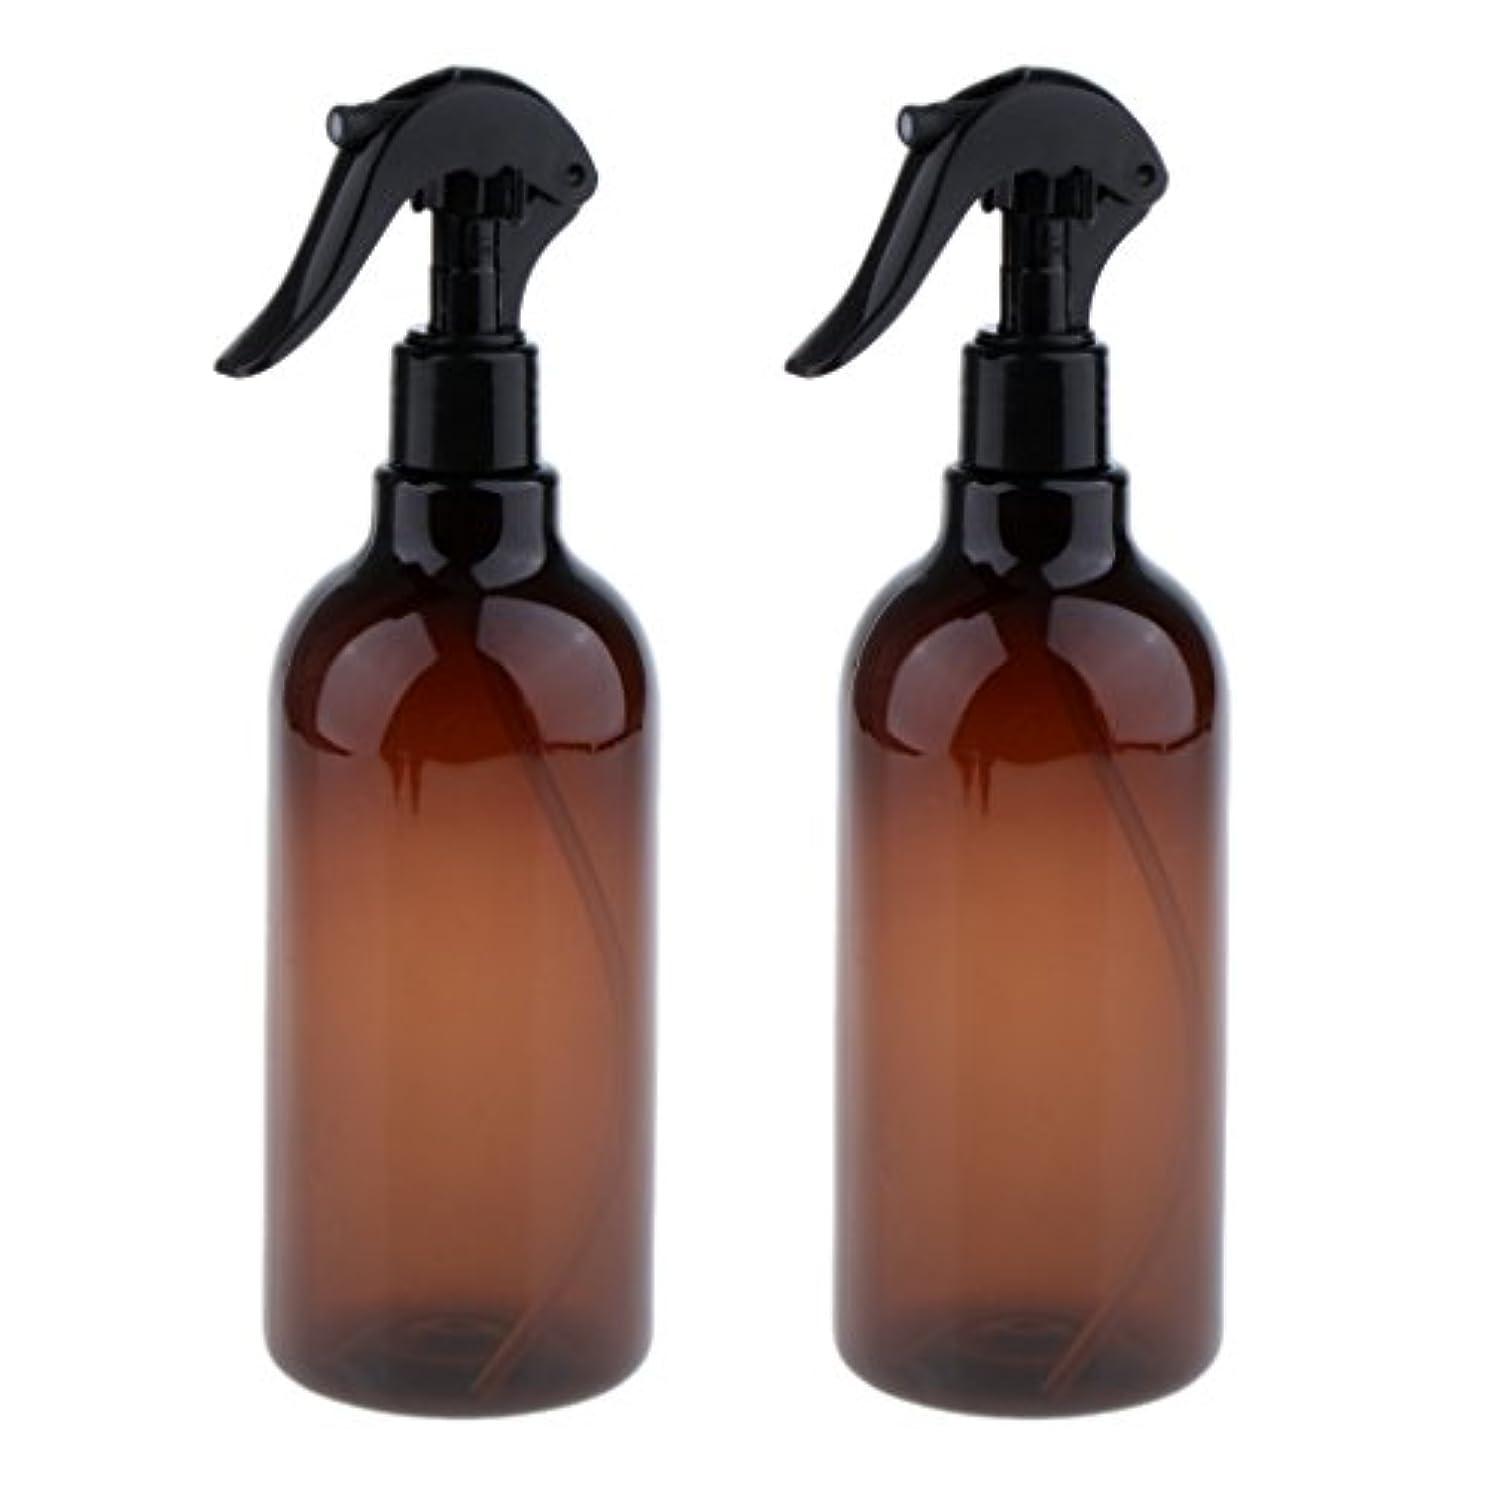 警報ブラシ震えKesoto スプレーボトル 美容ボトル 空ボトル スプレー ボトル サロン 美容 水スプレー 500ml 全3色選べる - ブラウン+ブラック